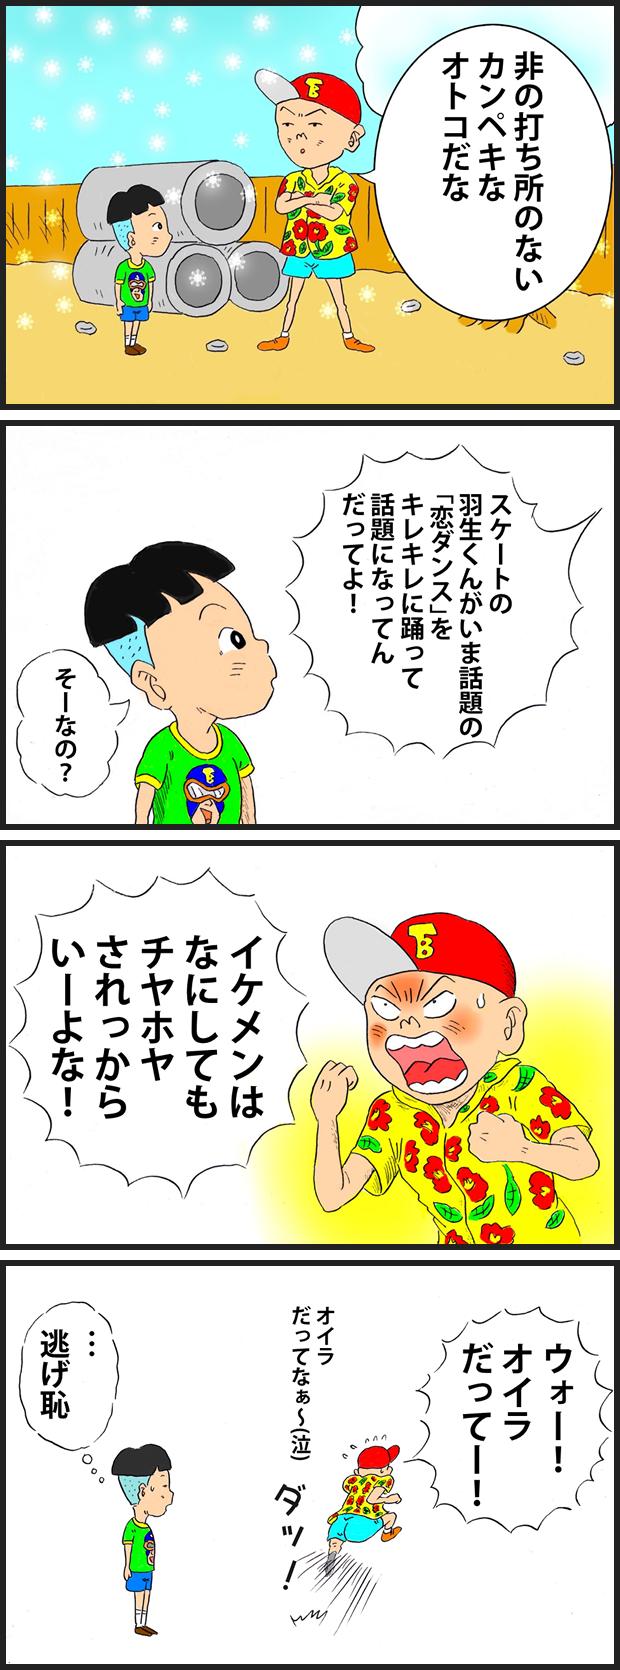 278 羽生くんの恋ダンス